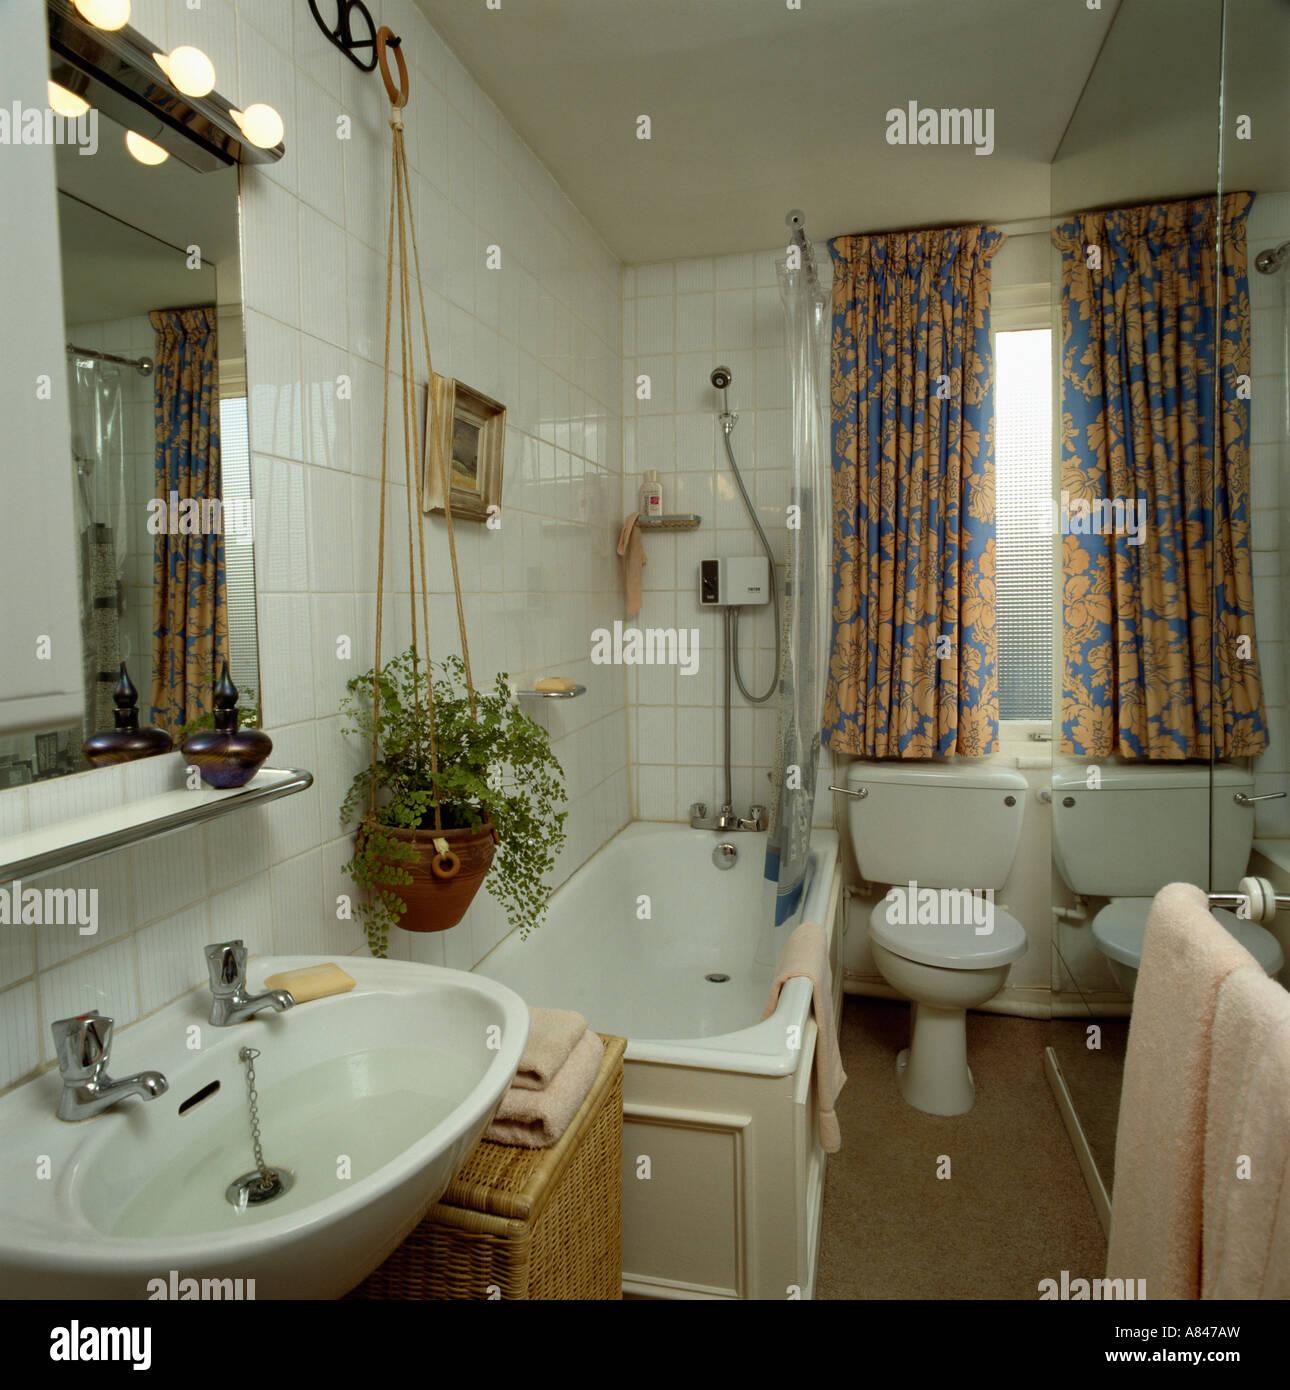 Gelb Und Blau Gemusterte Vorhange In Kleinen Weissen Badezimmer